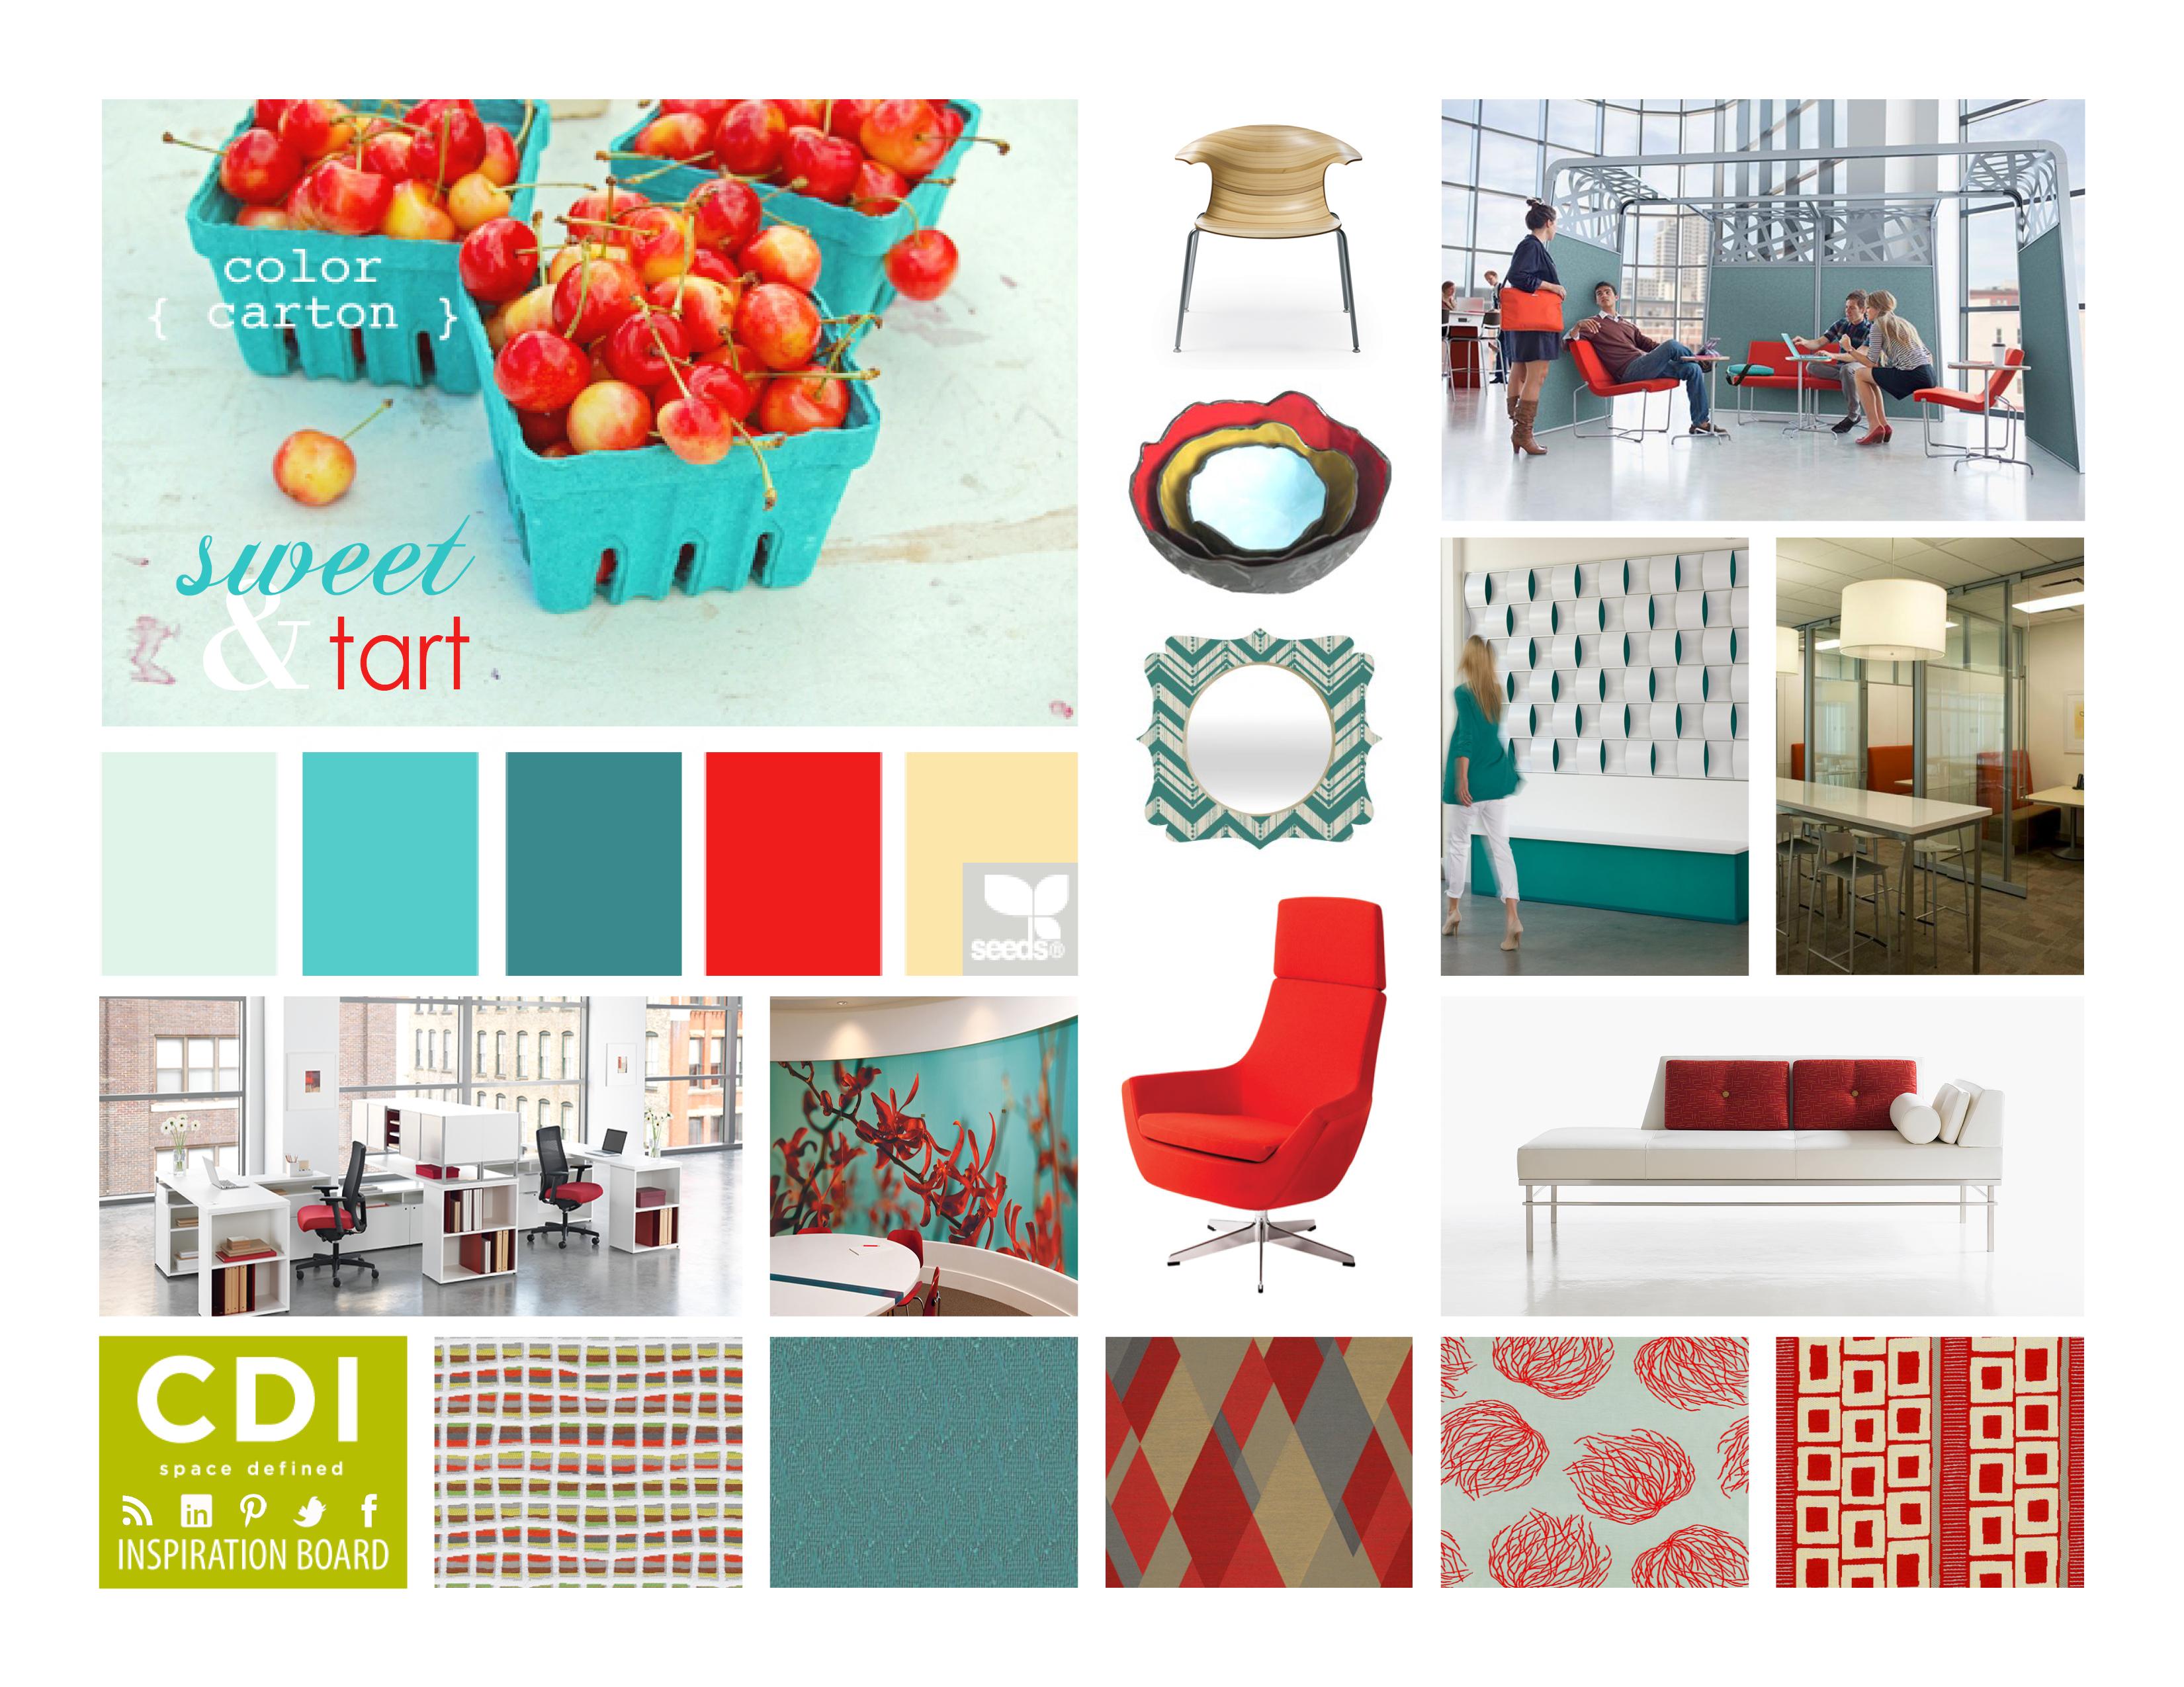 Office corporate design interiors for Interior design board software